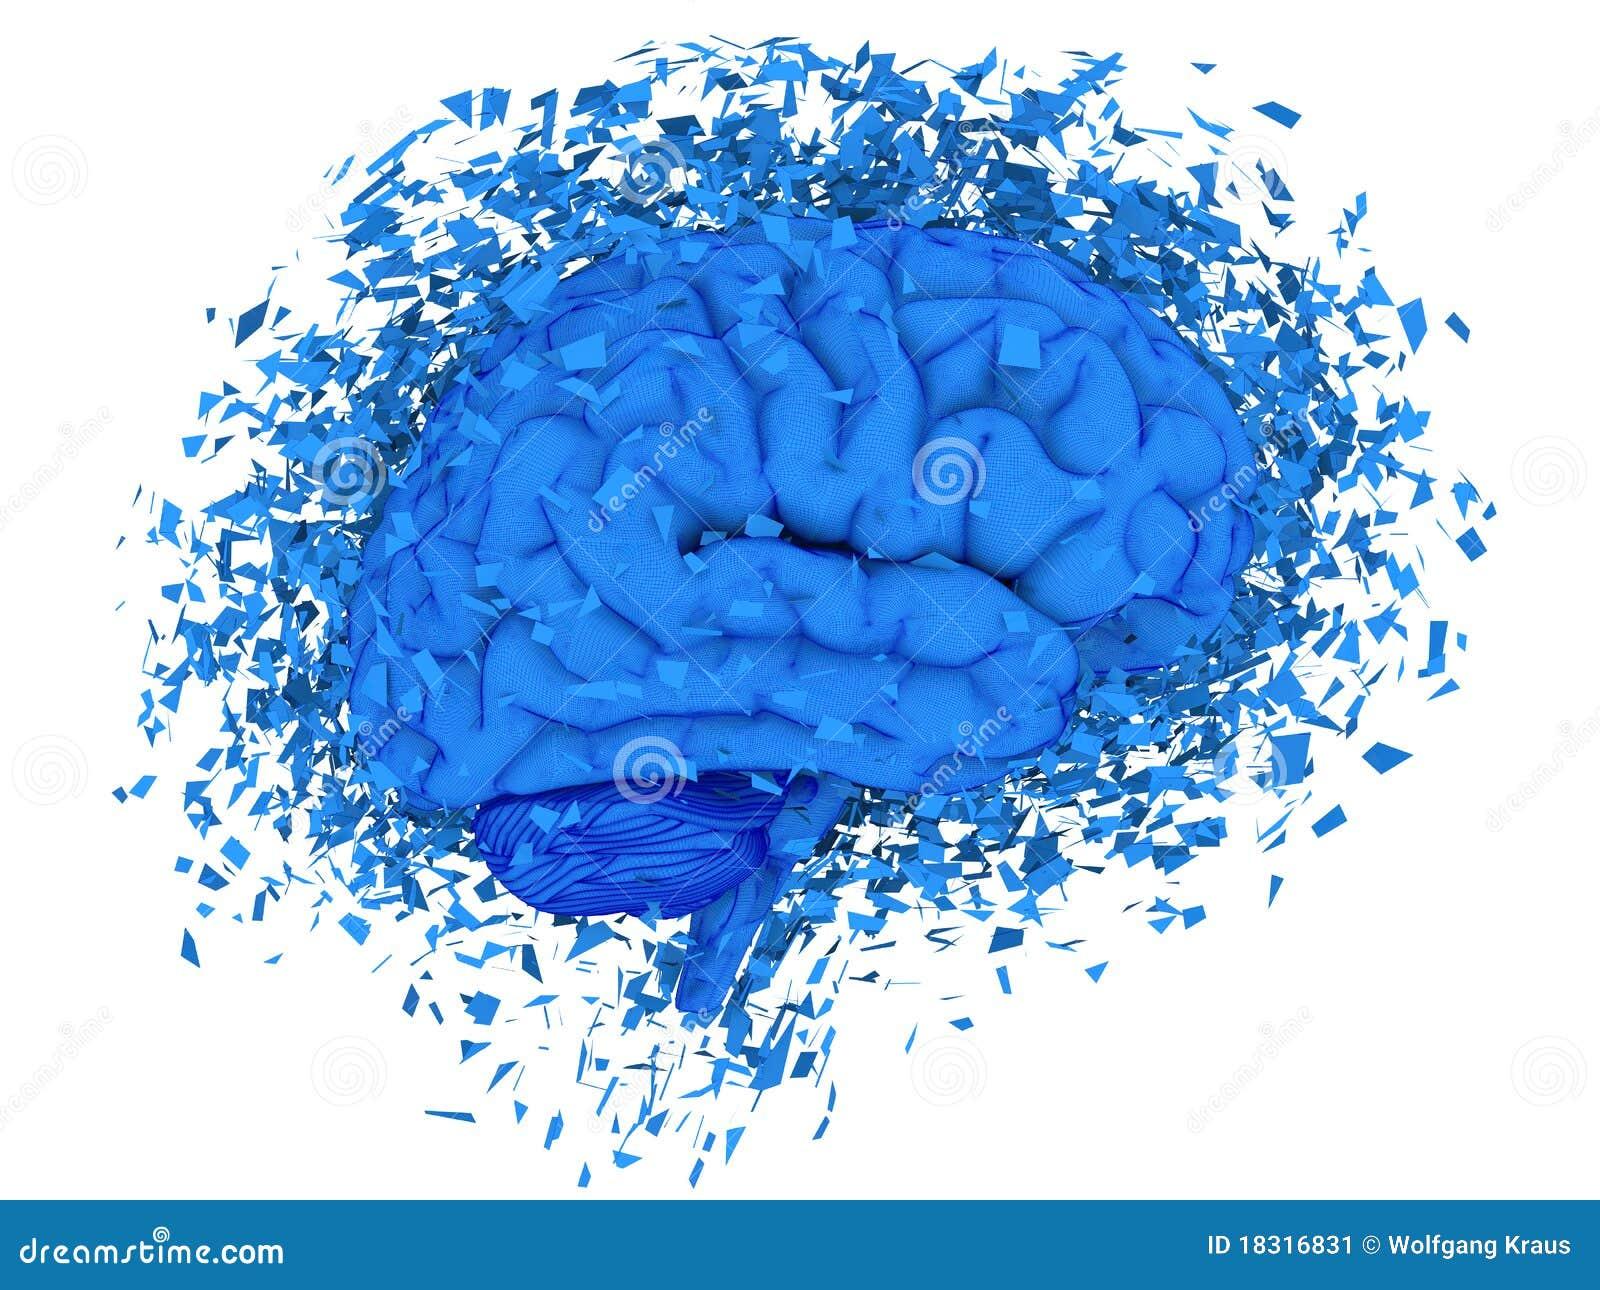 brain exploding stock illustration illustration of